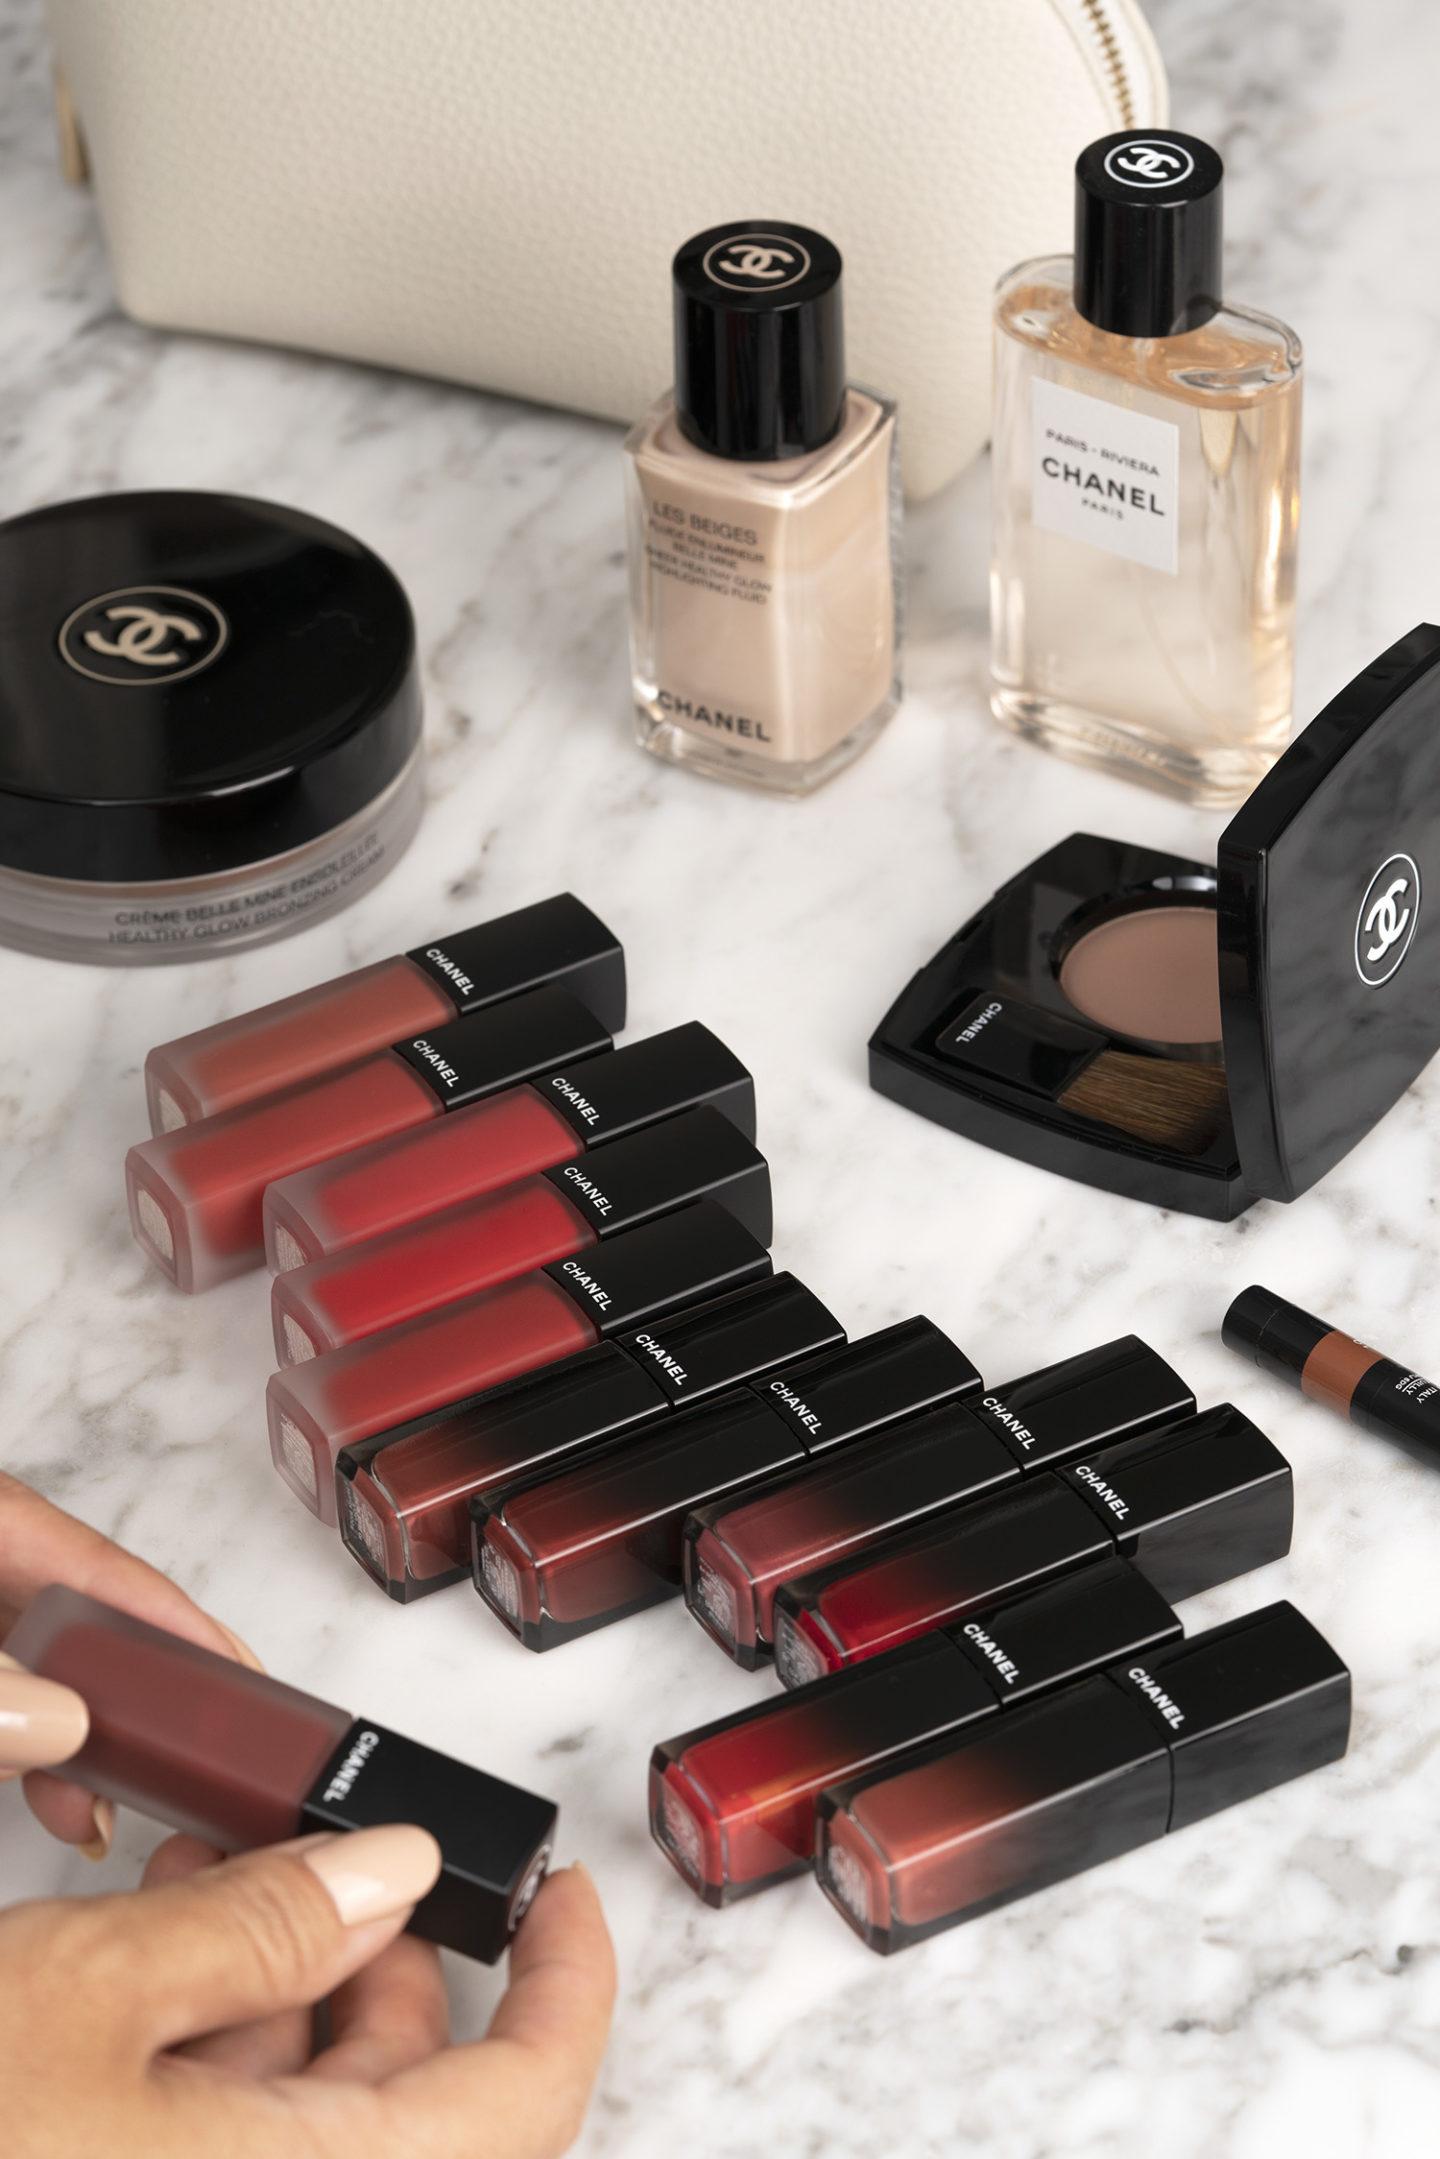 Nouvelles nuances Chanel Rouge Allure Laque et Ink Fusion Review Swatches